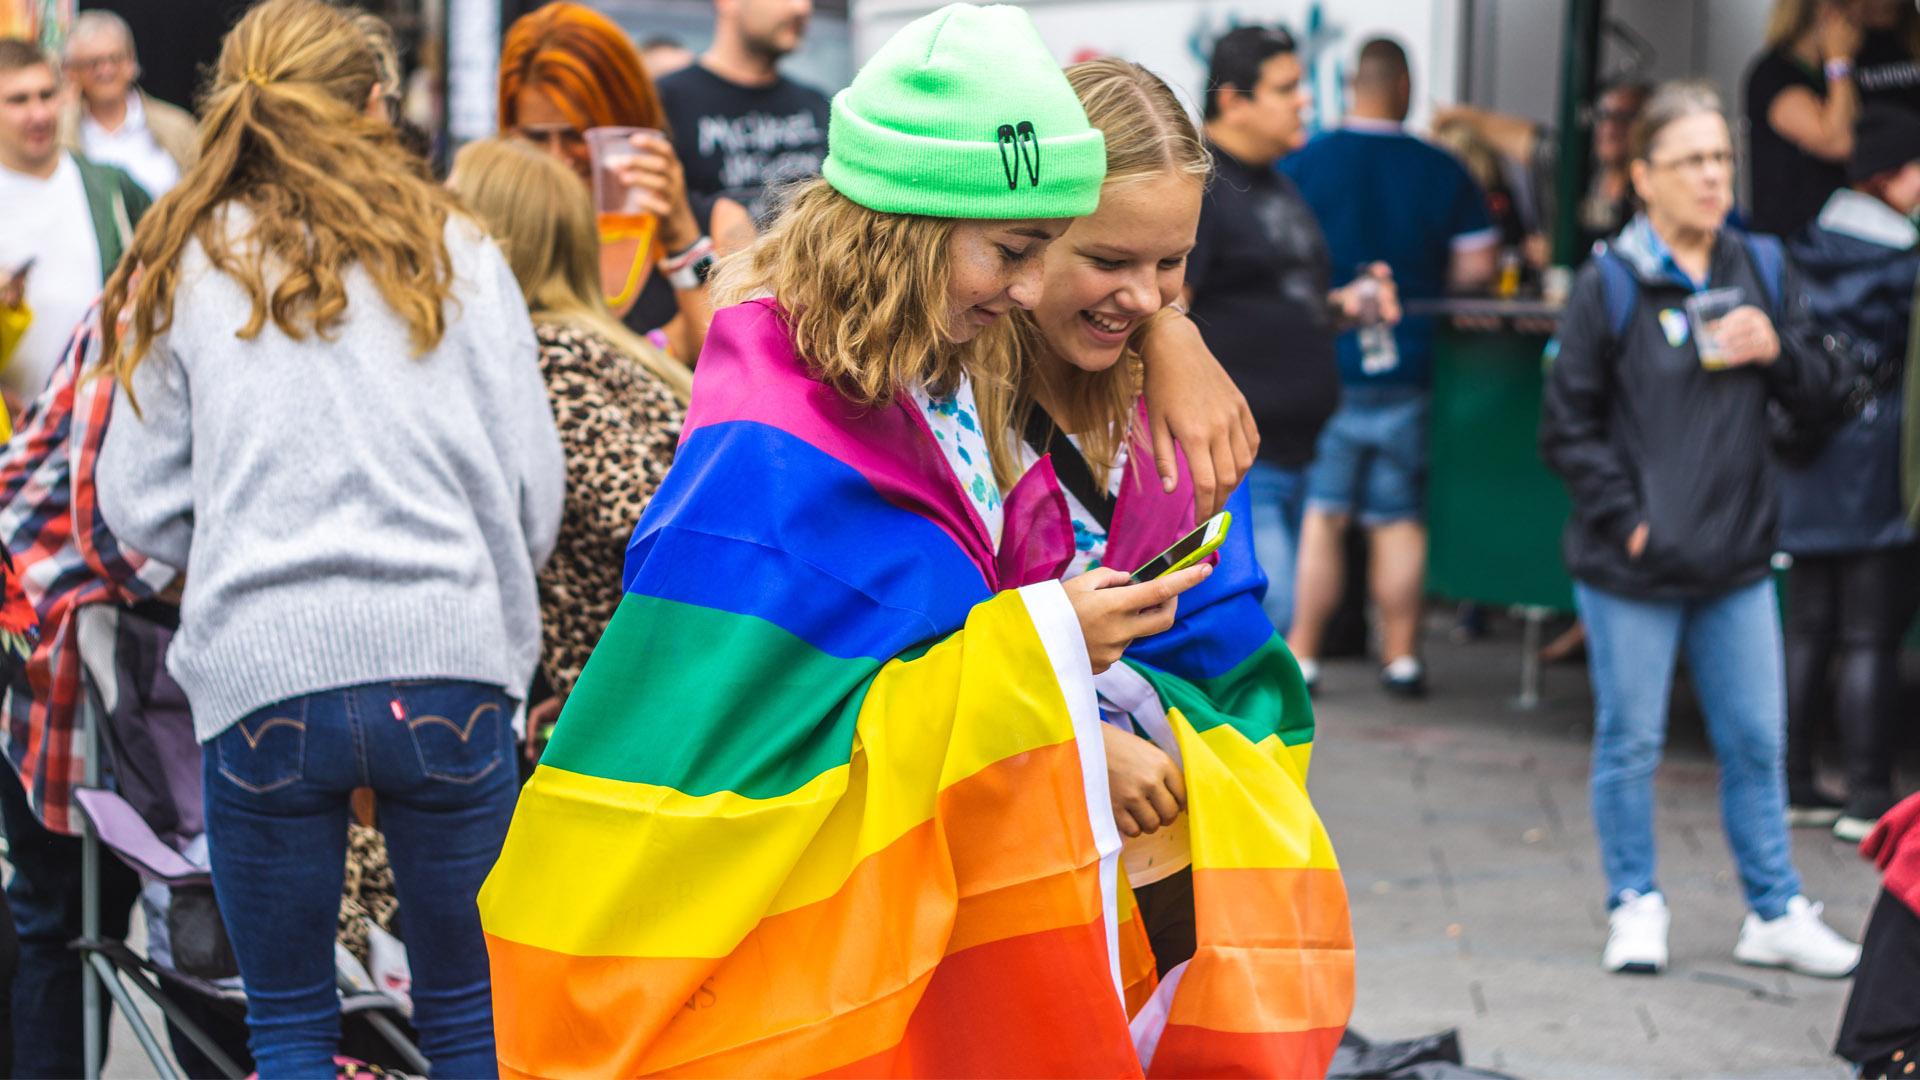 丹麥瑞典研究顯示同婚合法降低污名感受,同志自殺率大幅下降